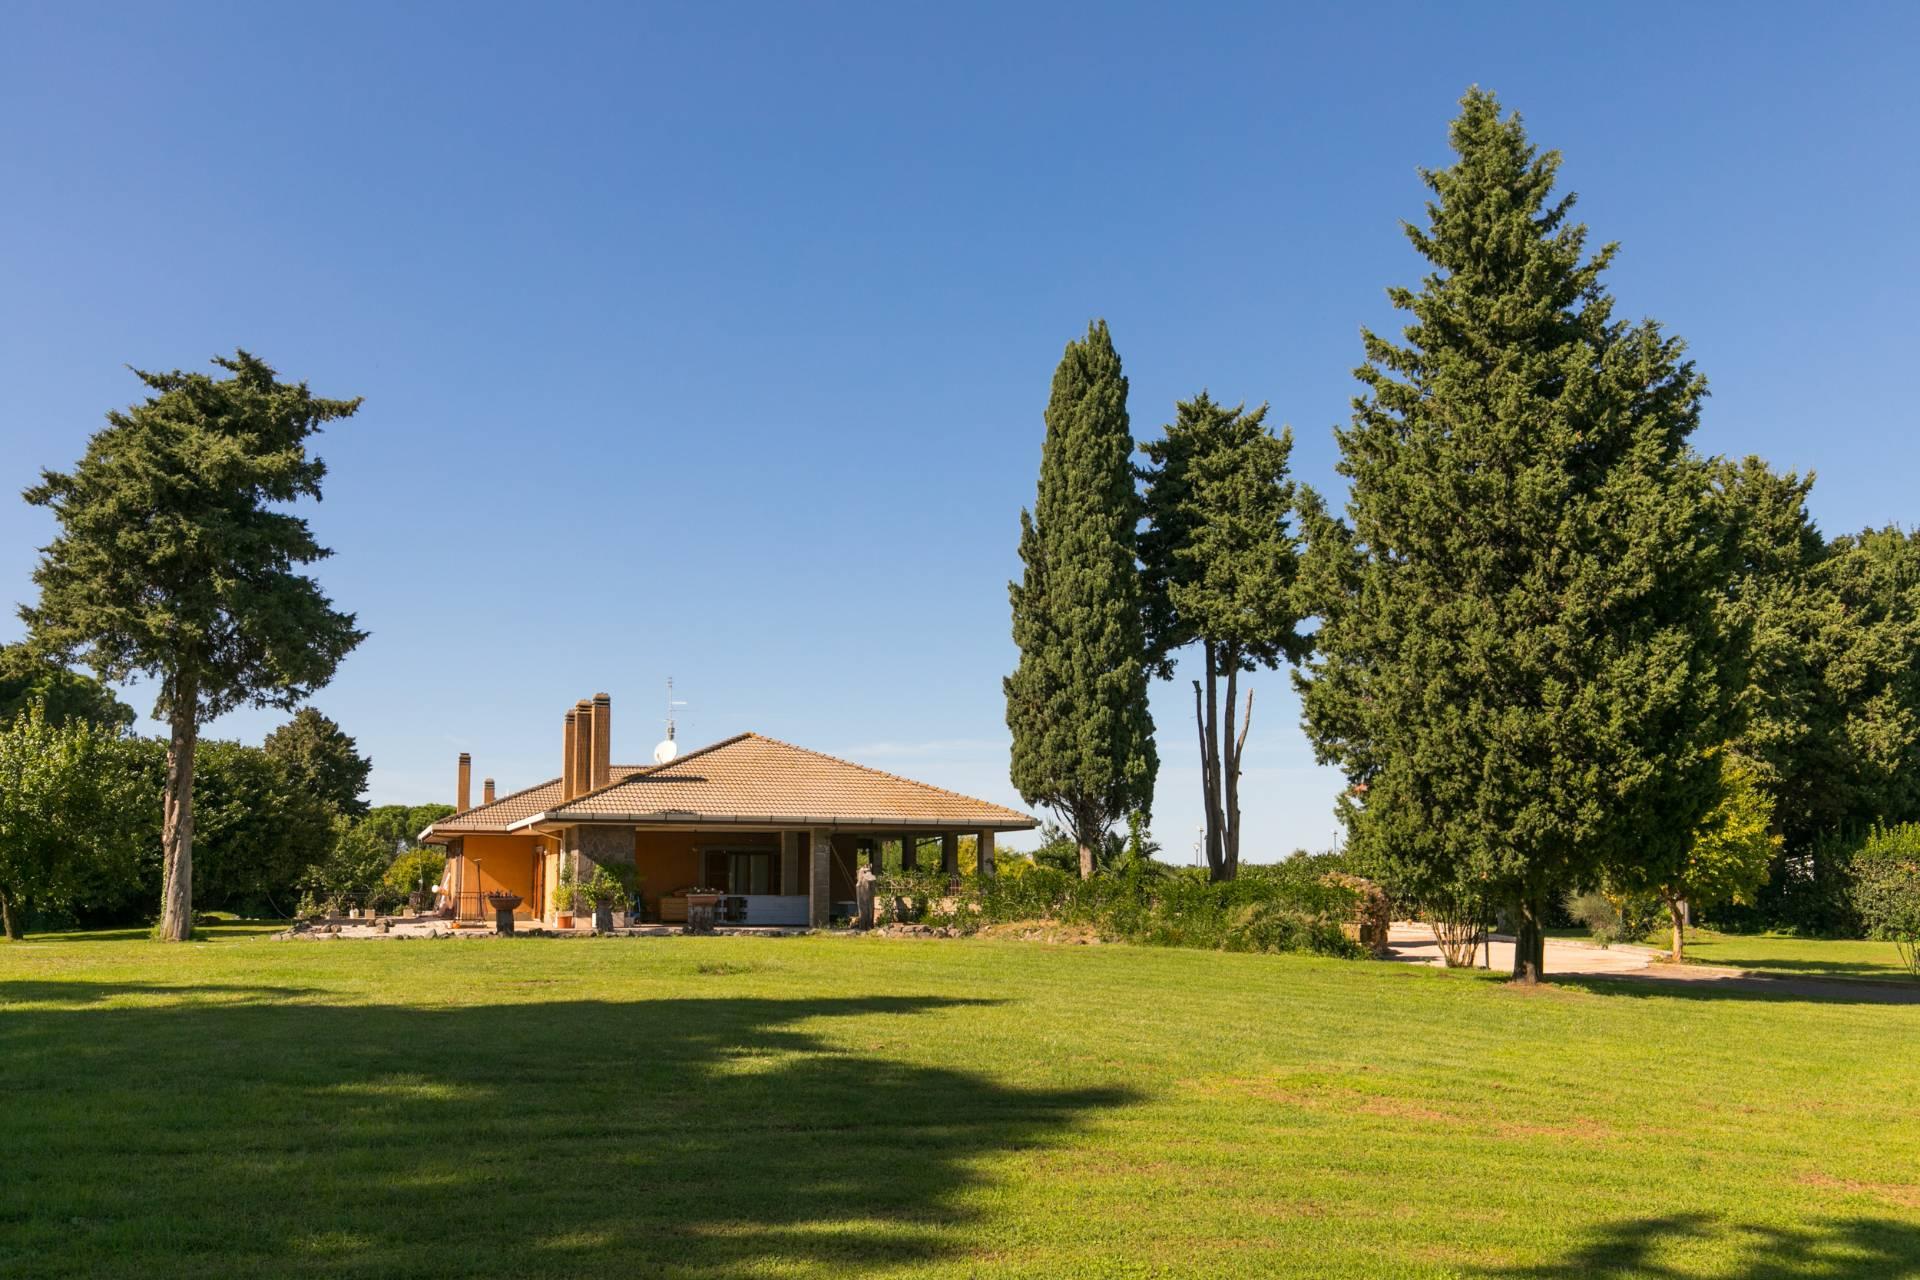 Cbi039 275 749 villa singola in affitto a roma eur for Affitto roma eur arredato